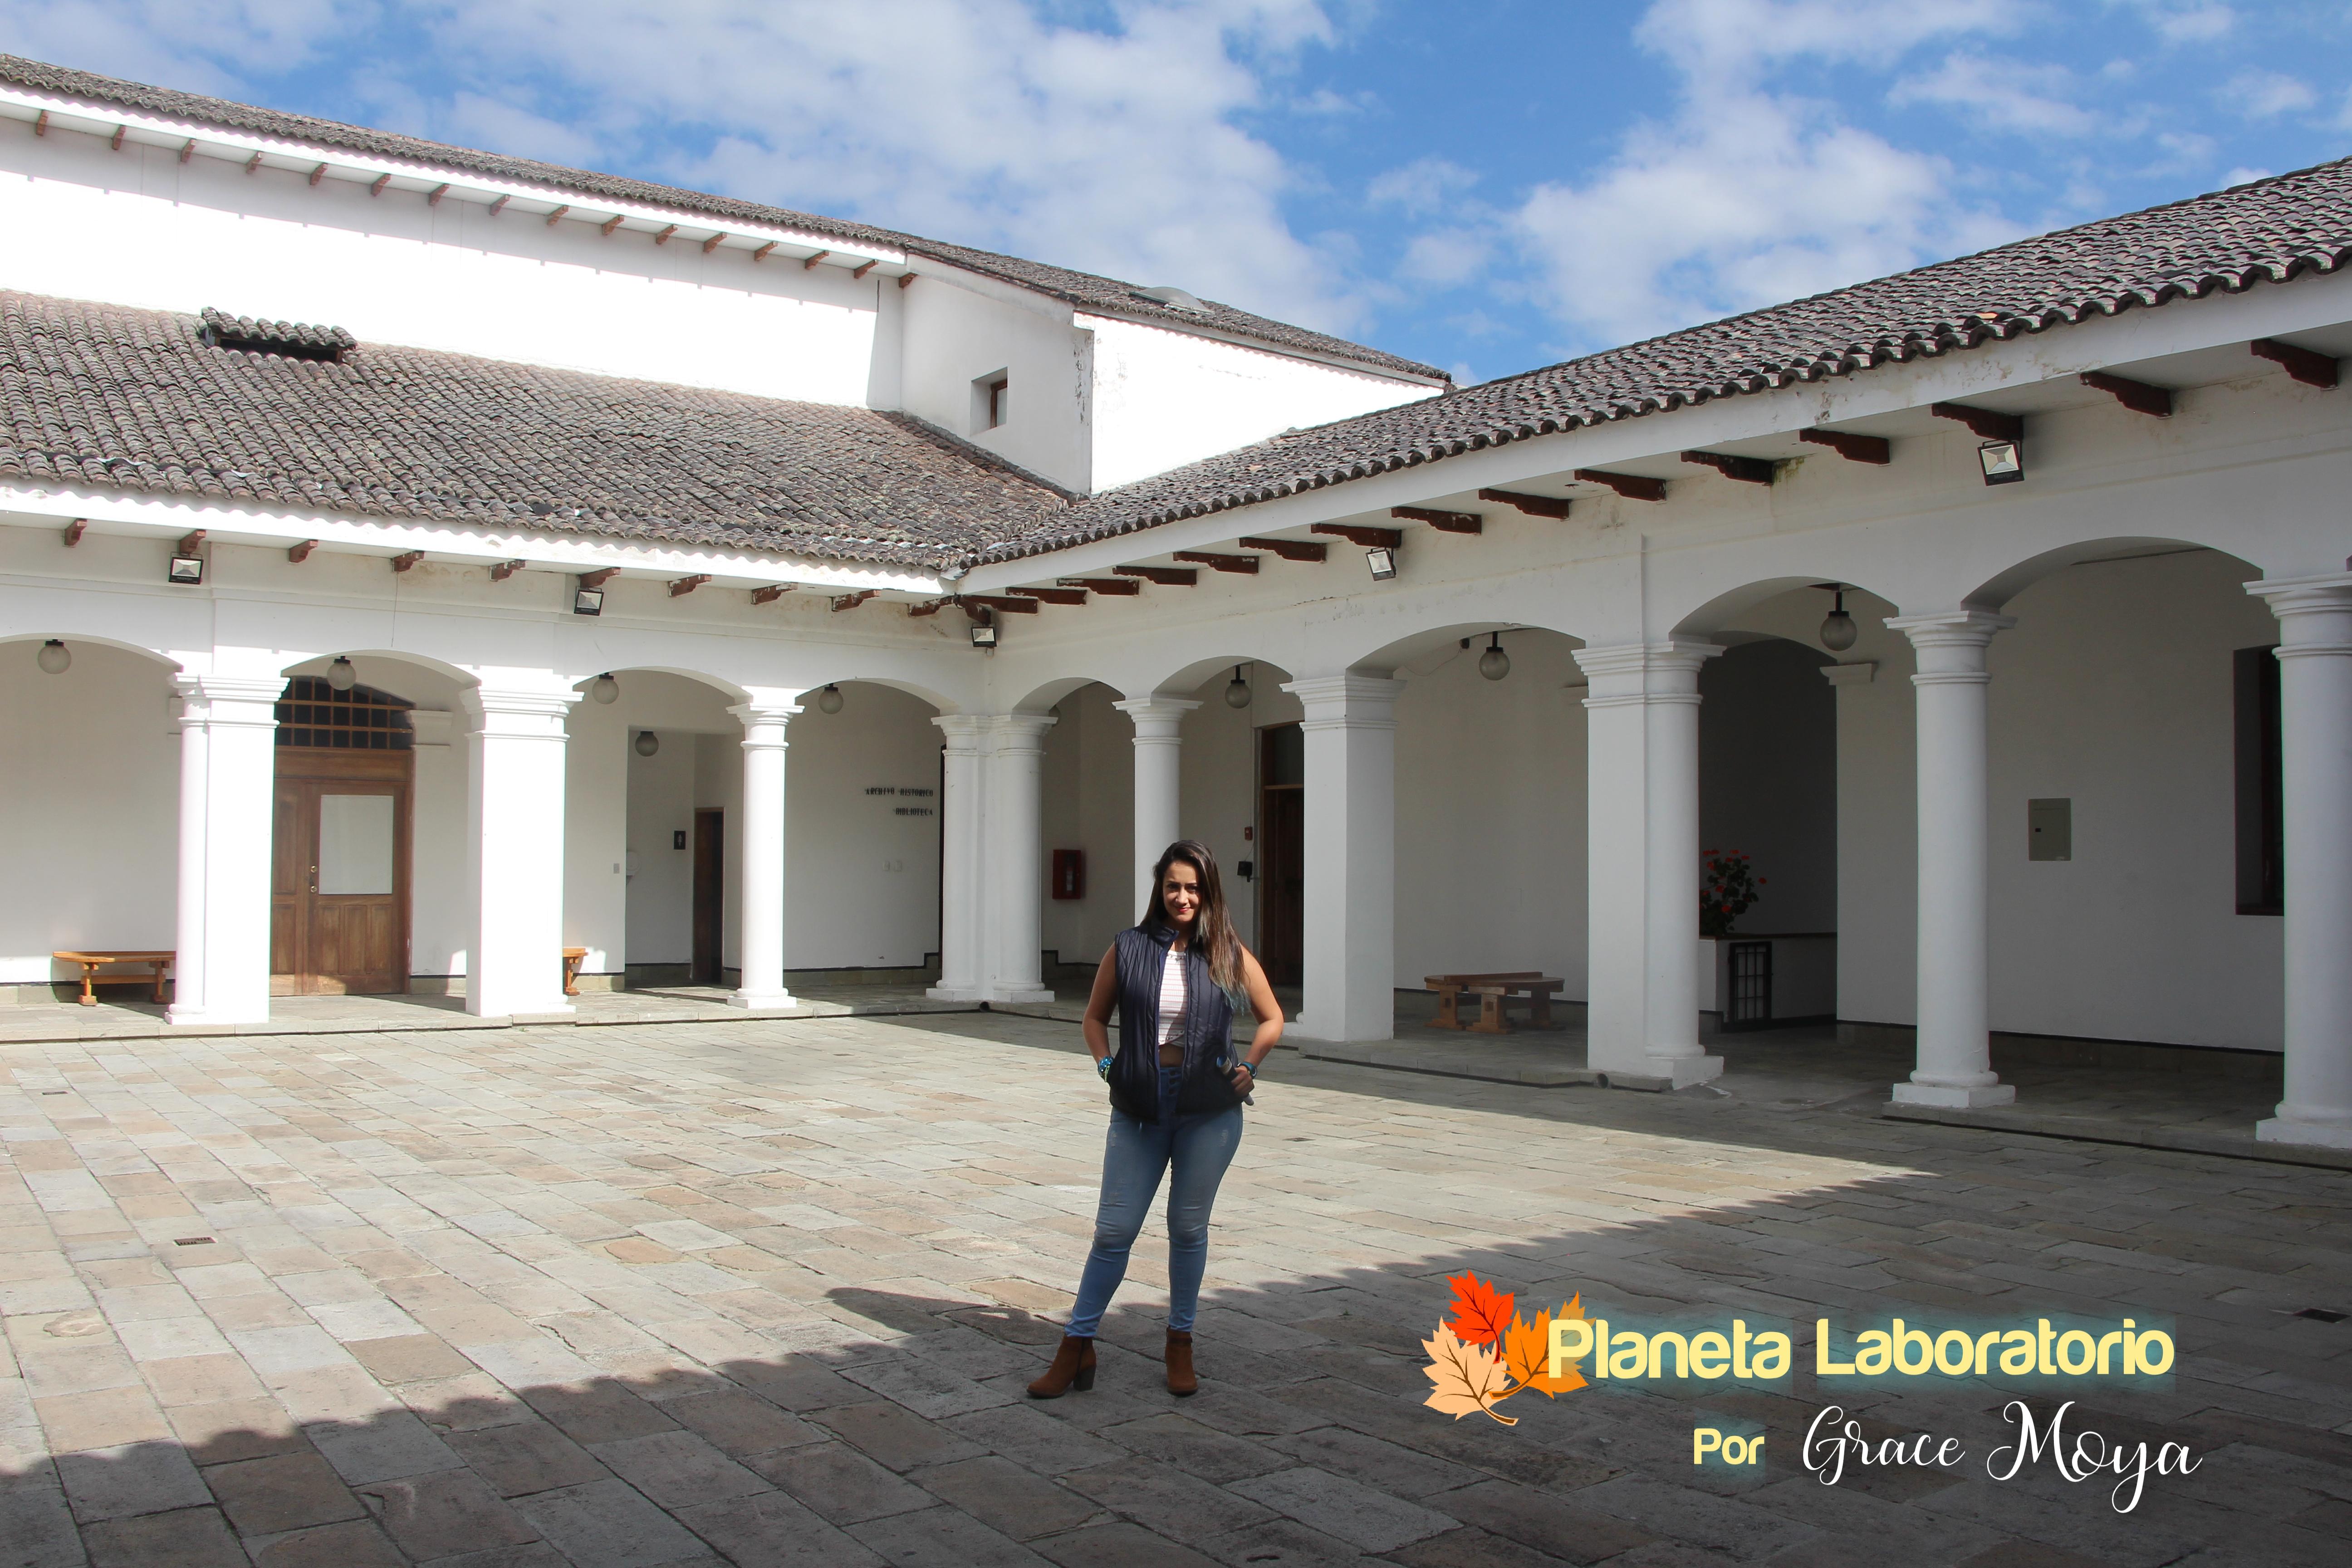 MUSEO BANCO CENTRAL DE IBARRA